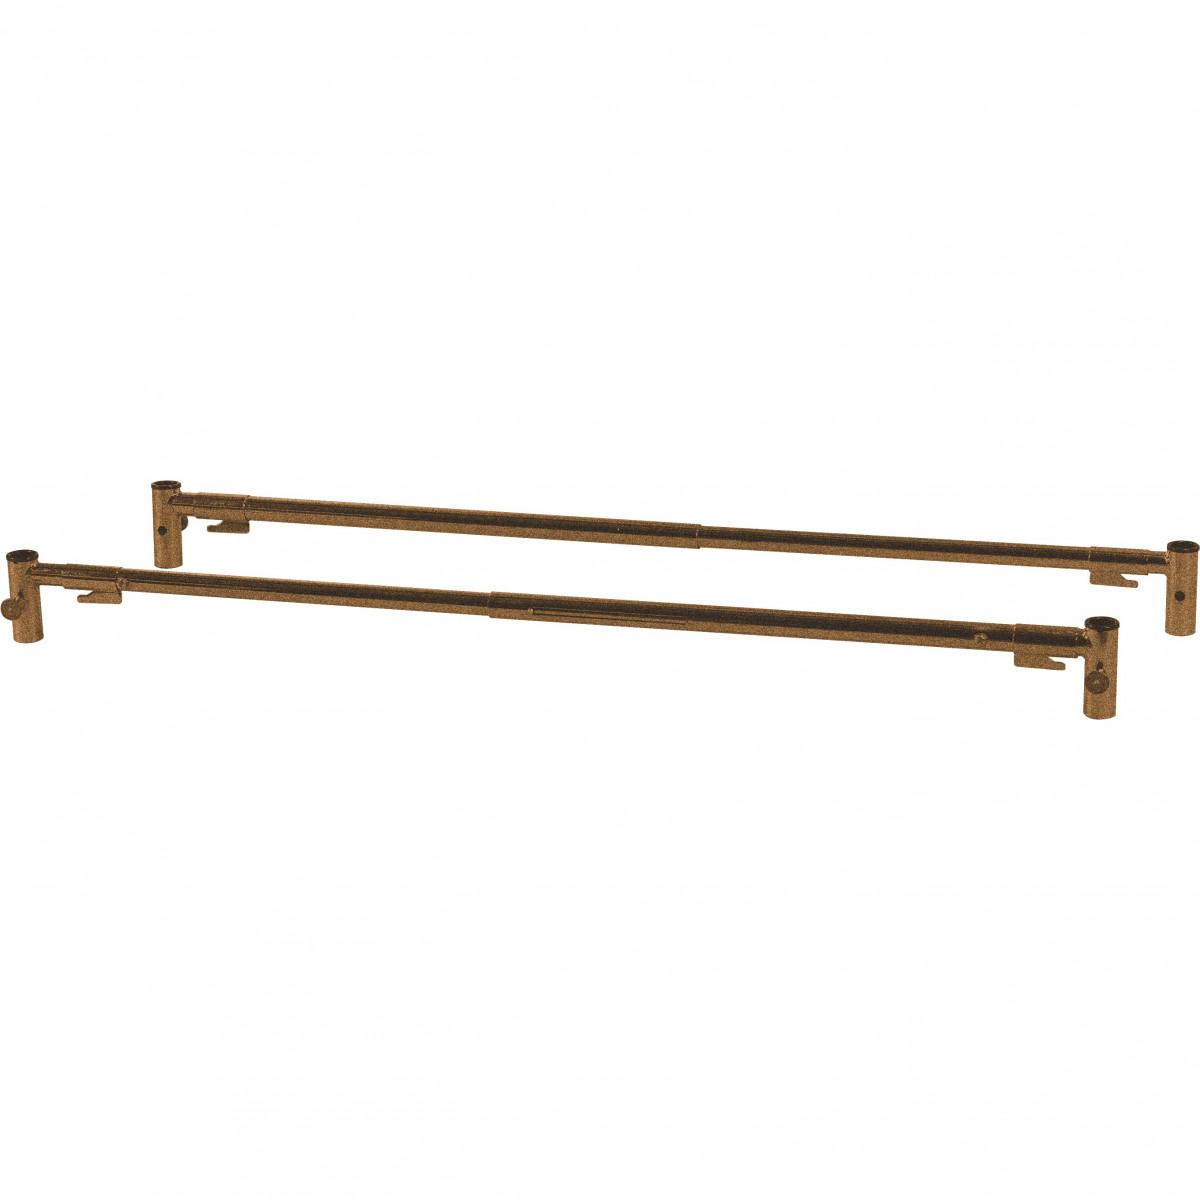 bed side rails by drive 15001abv. Black Bedroom Furniture Sets. Home Design Ideas